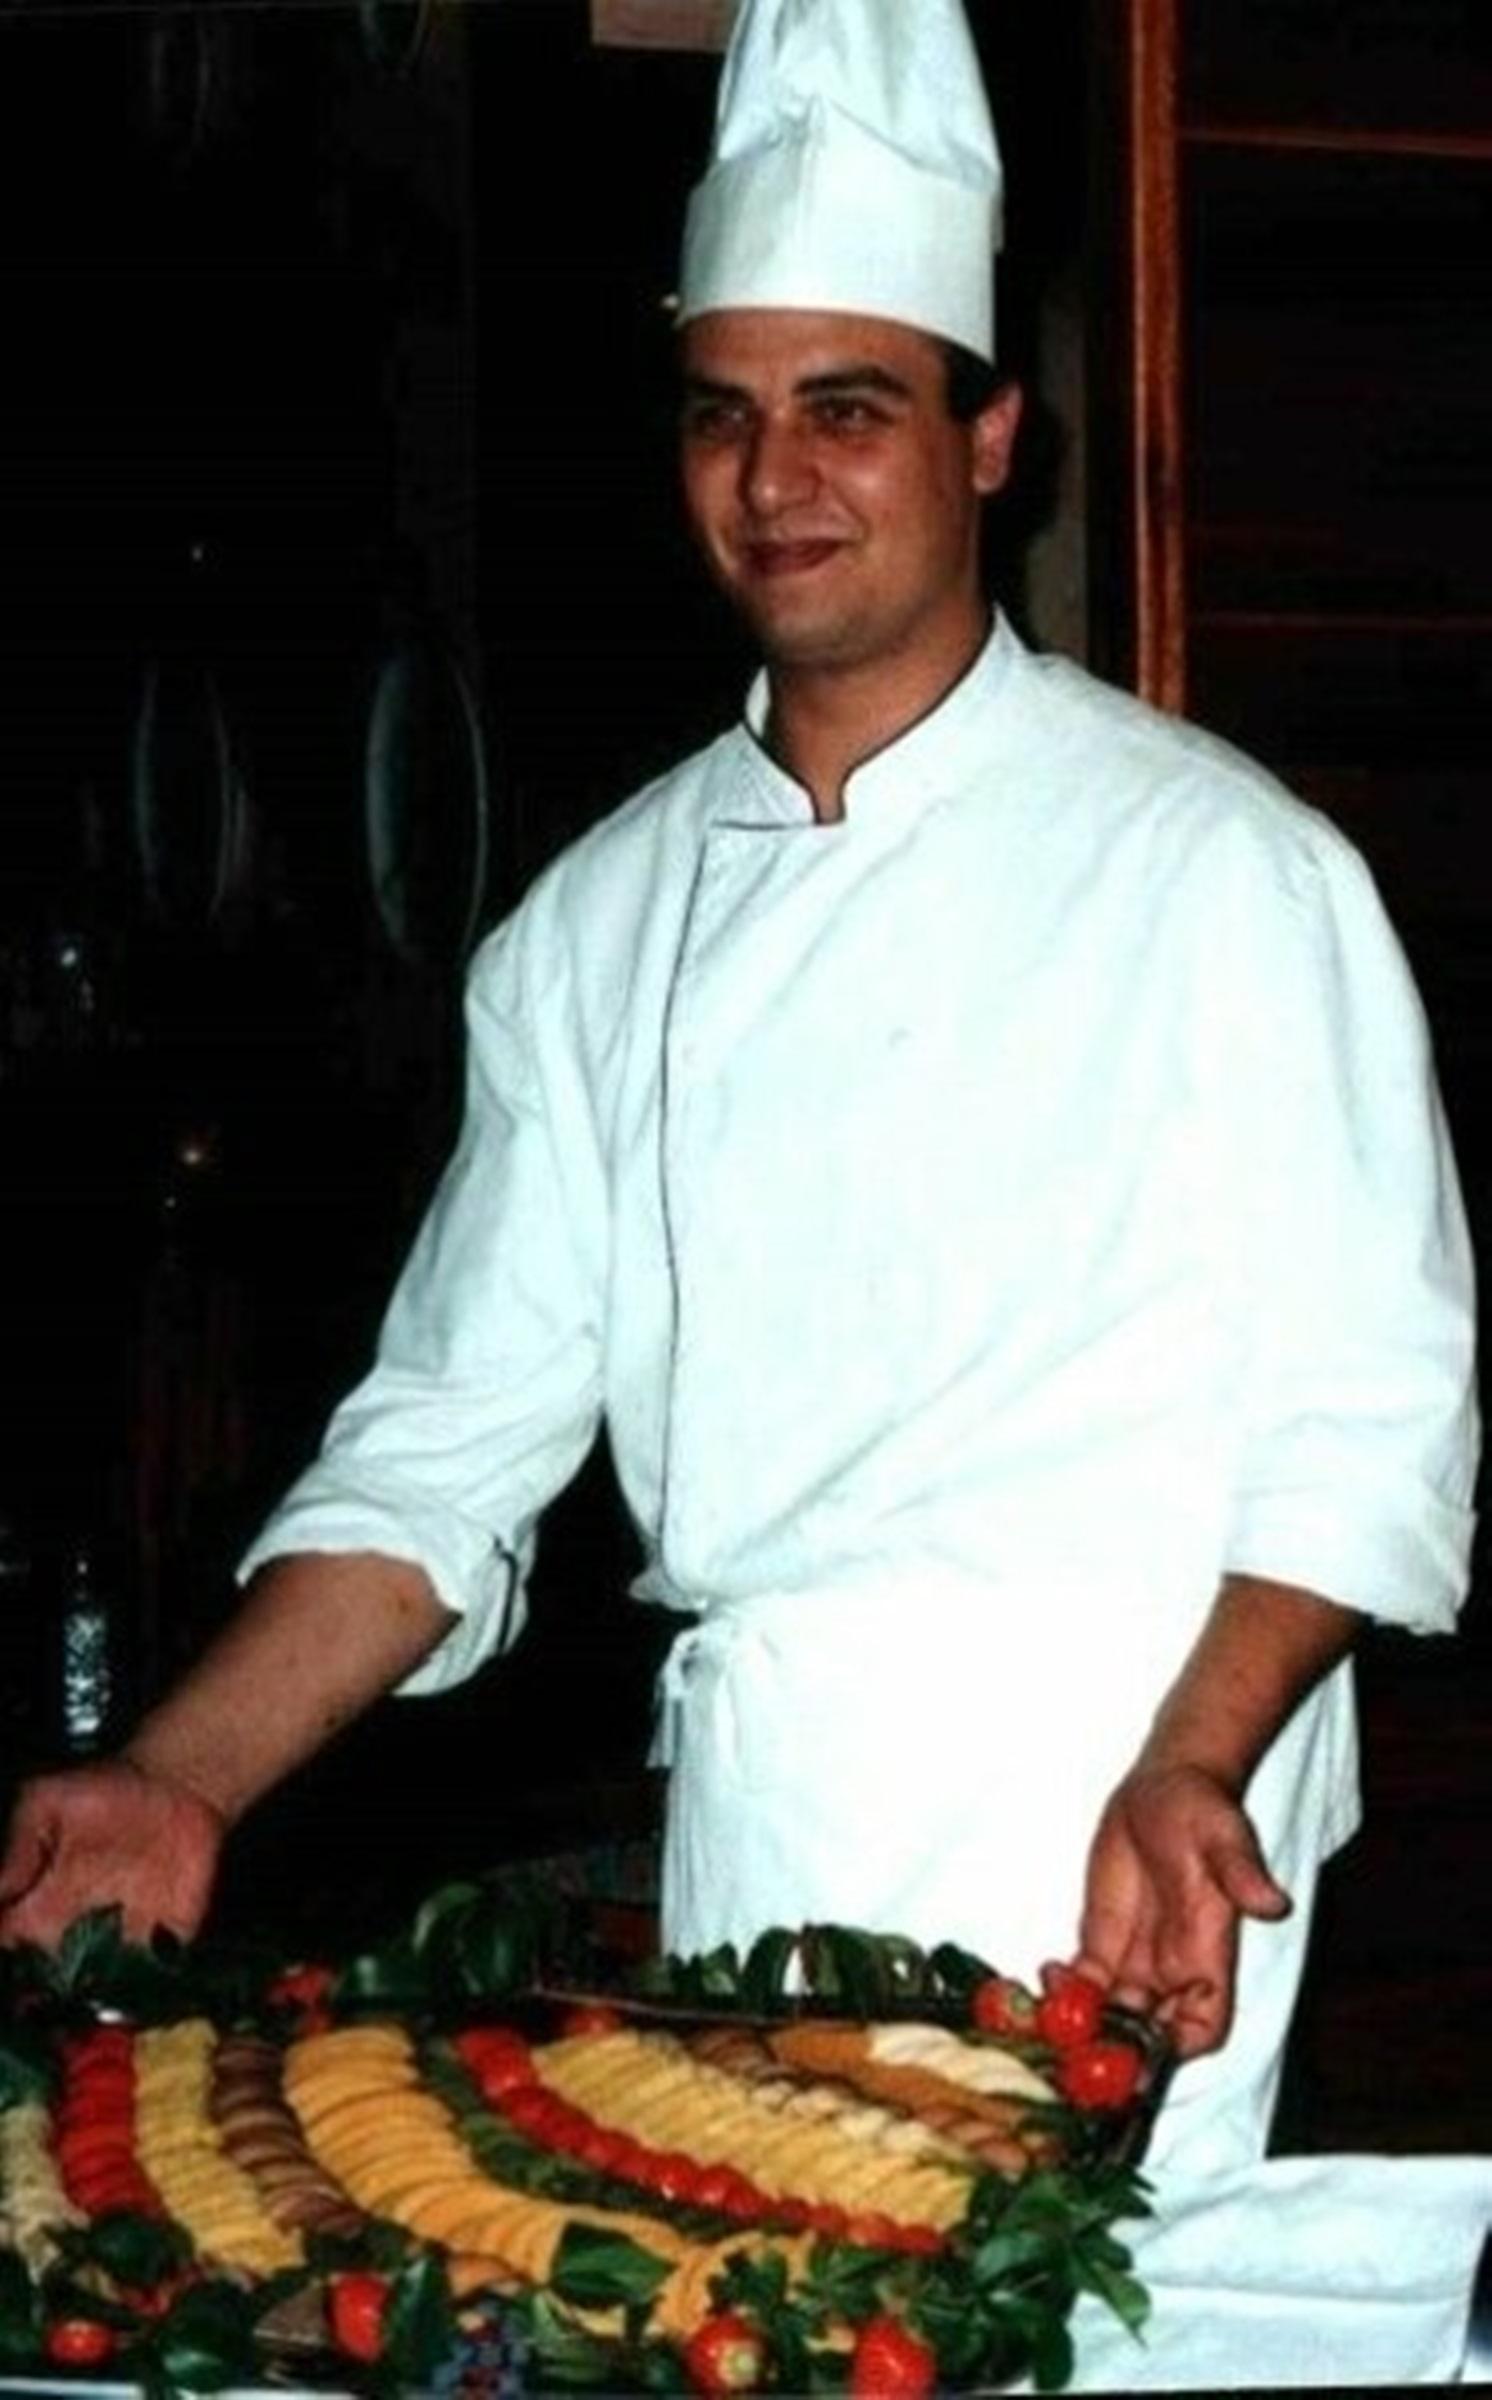 simone stefanel 49 anni morto incidente